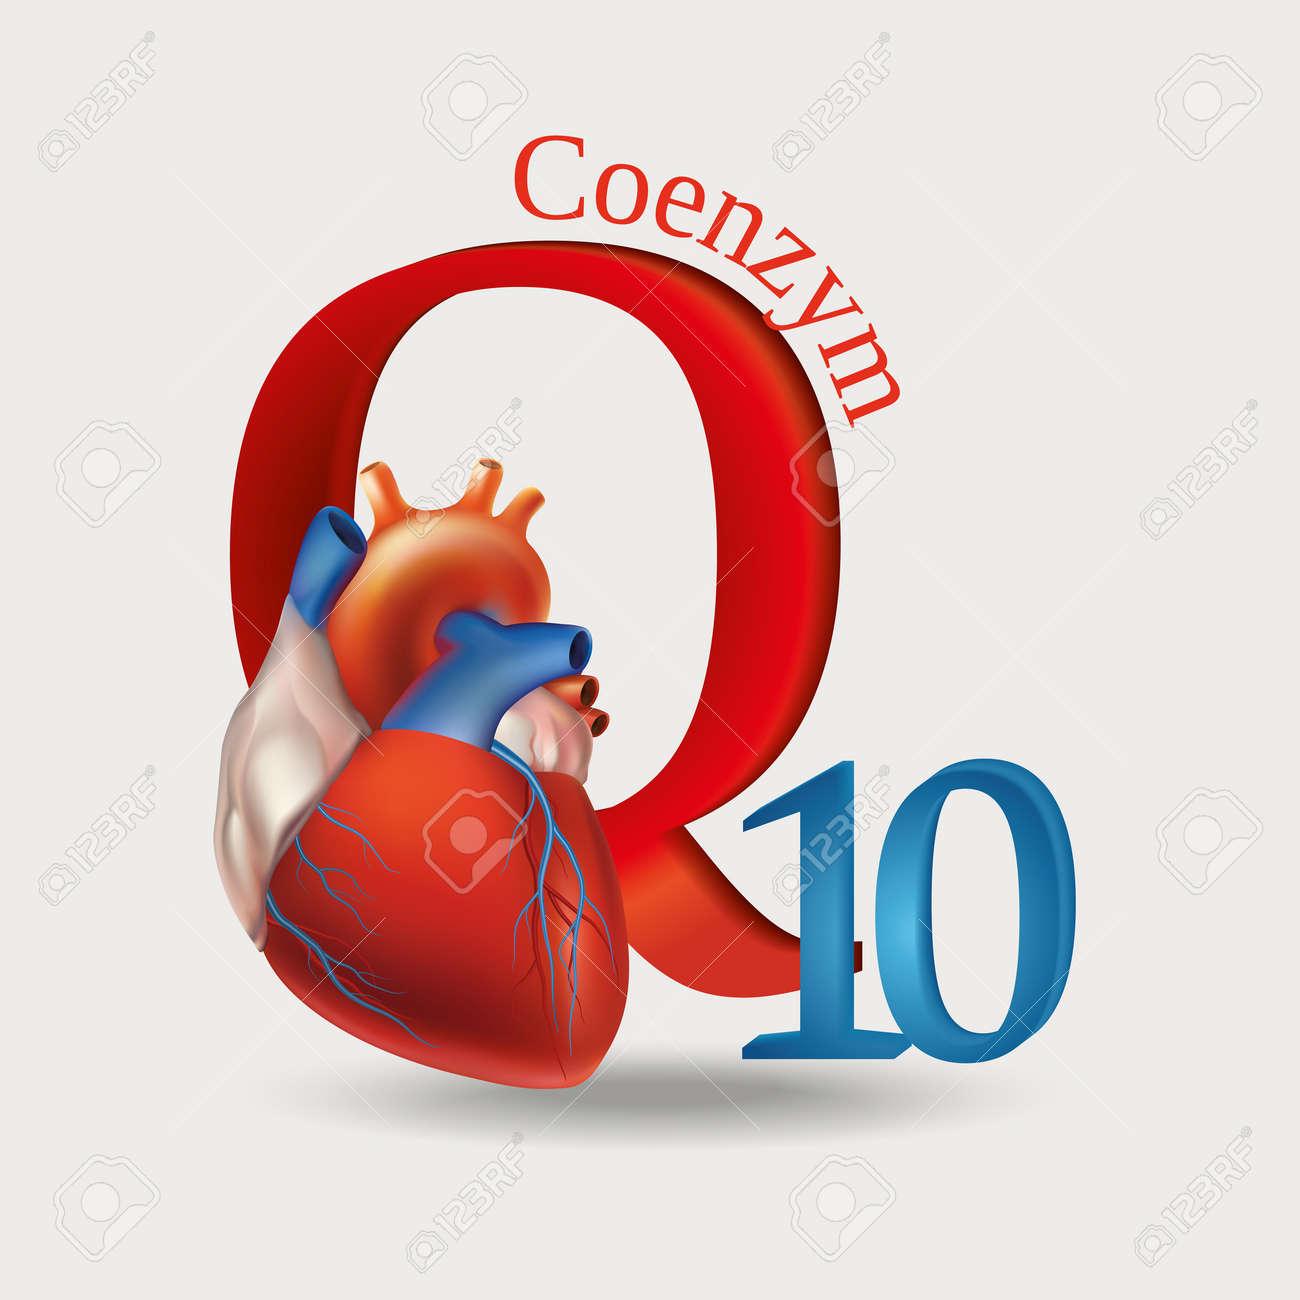 Schematische Darstellung Des Coenzym Q10 - Antioxidative Substanzen ...